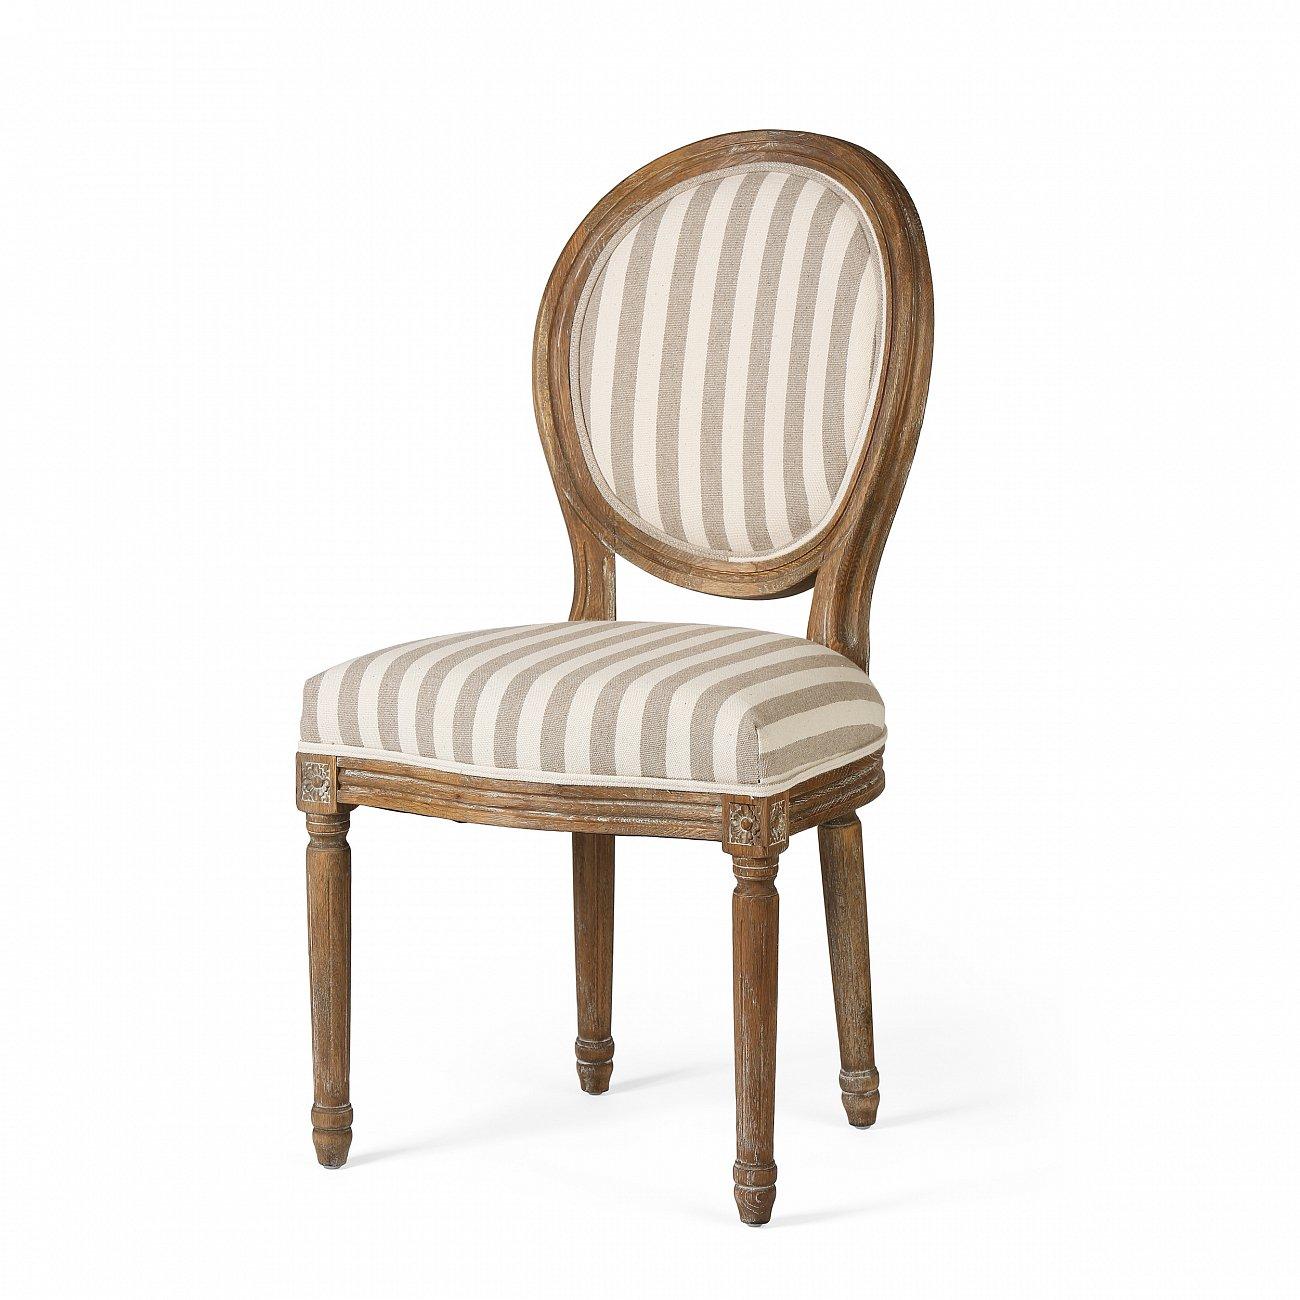 Купить Стул Christiana в полоску в интернет магазине дизайнерской мебели и аксессуаров для дома и дачи